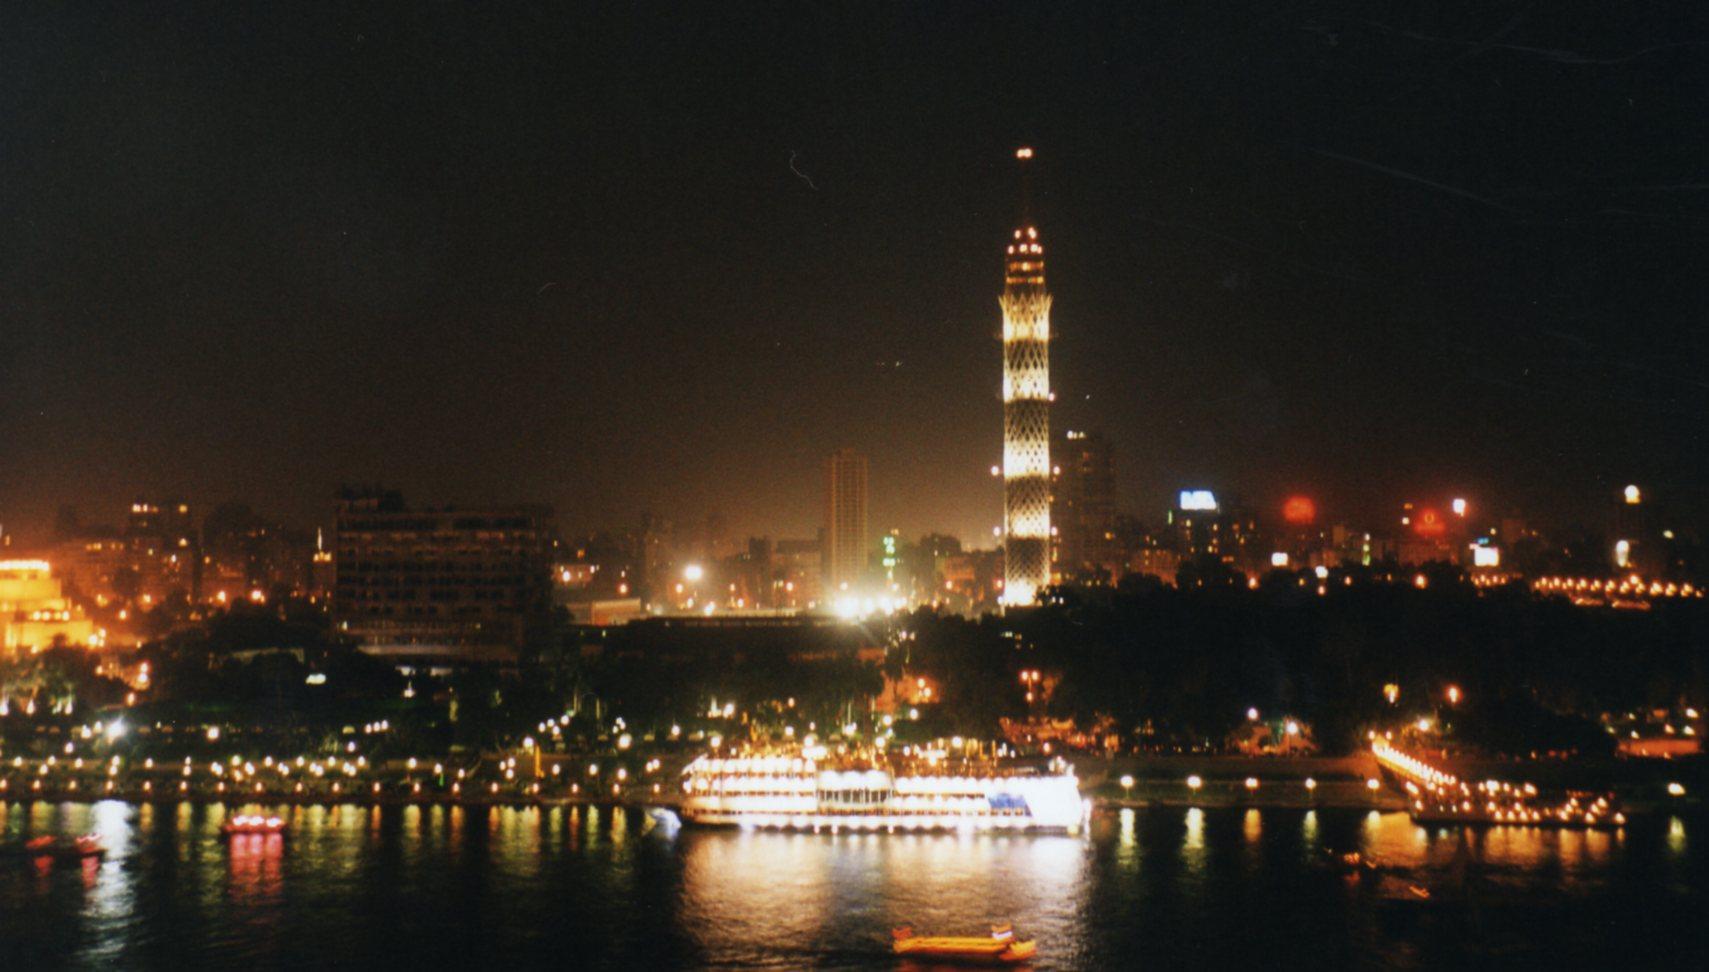 Nile River, Cairo at night